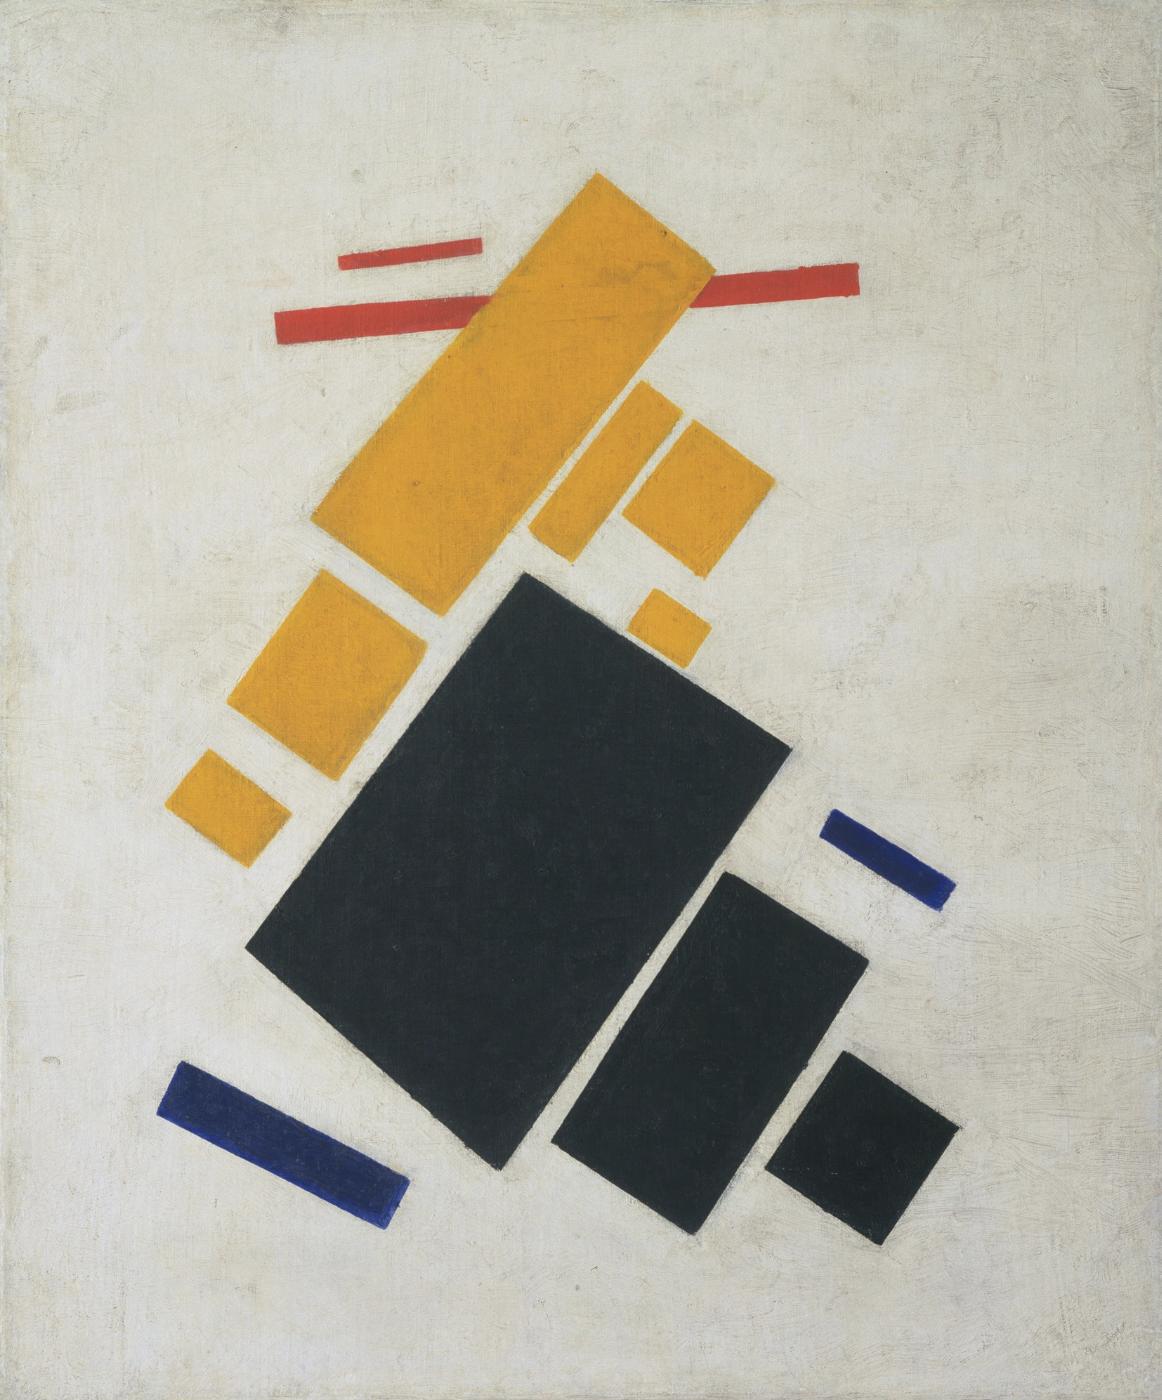 """Kazimir Malevich, """"Suprematist Composition"""" (1915)"""